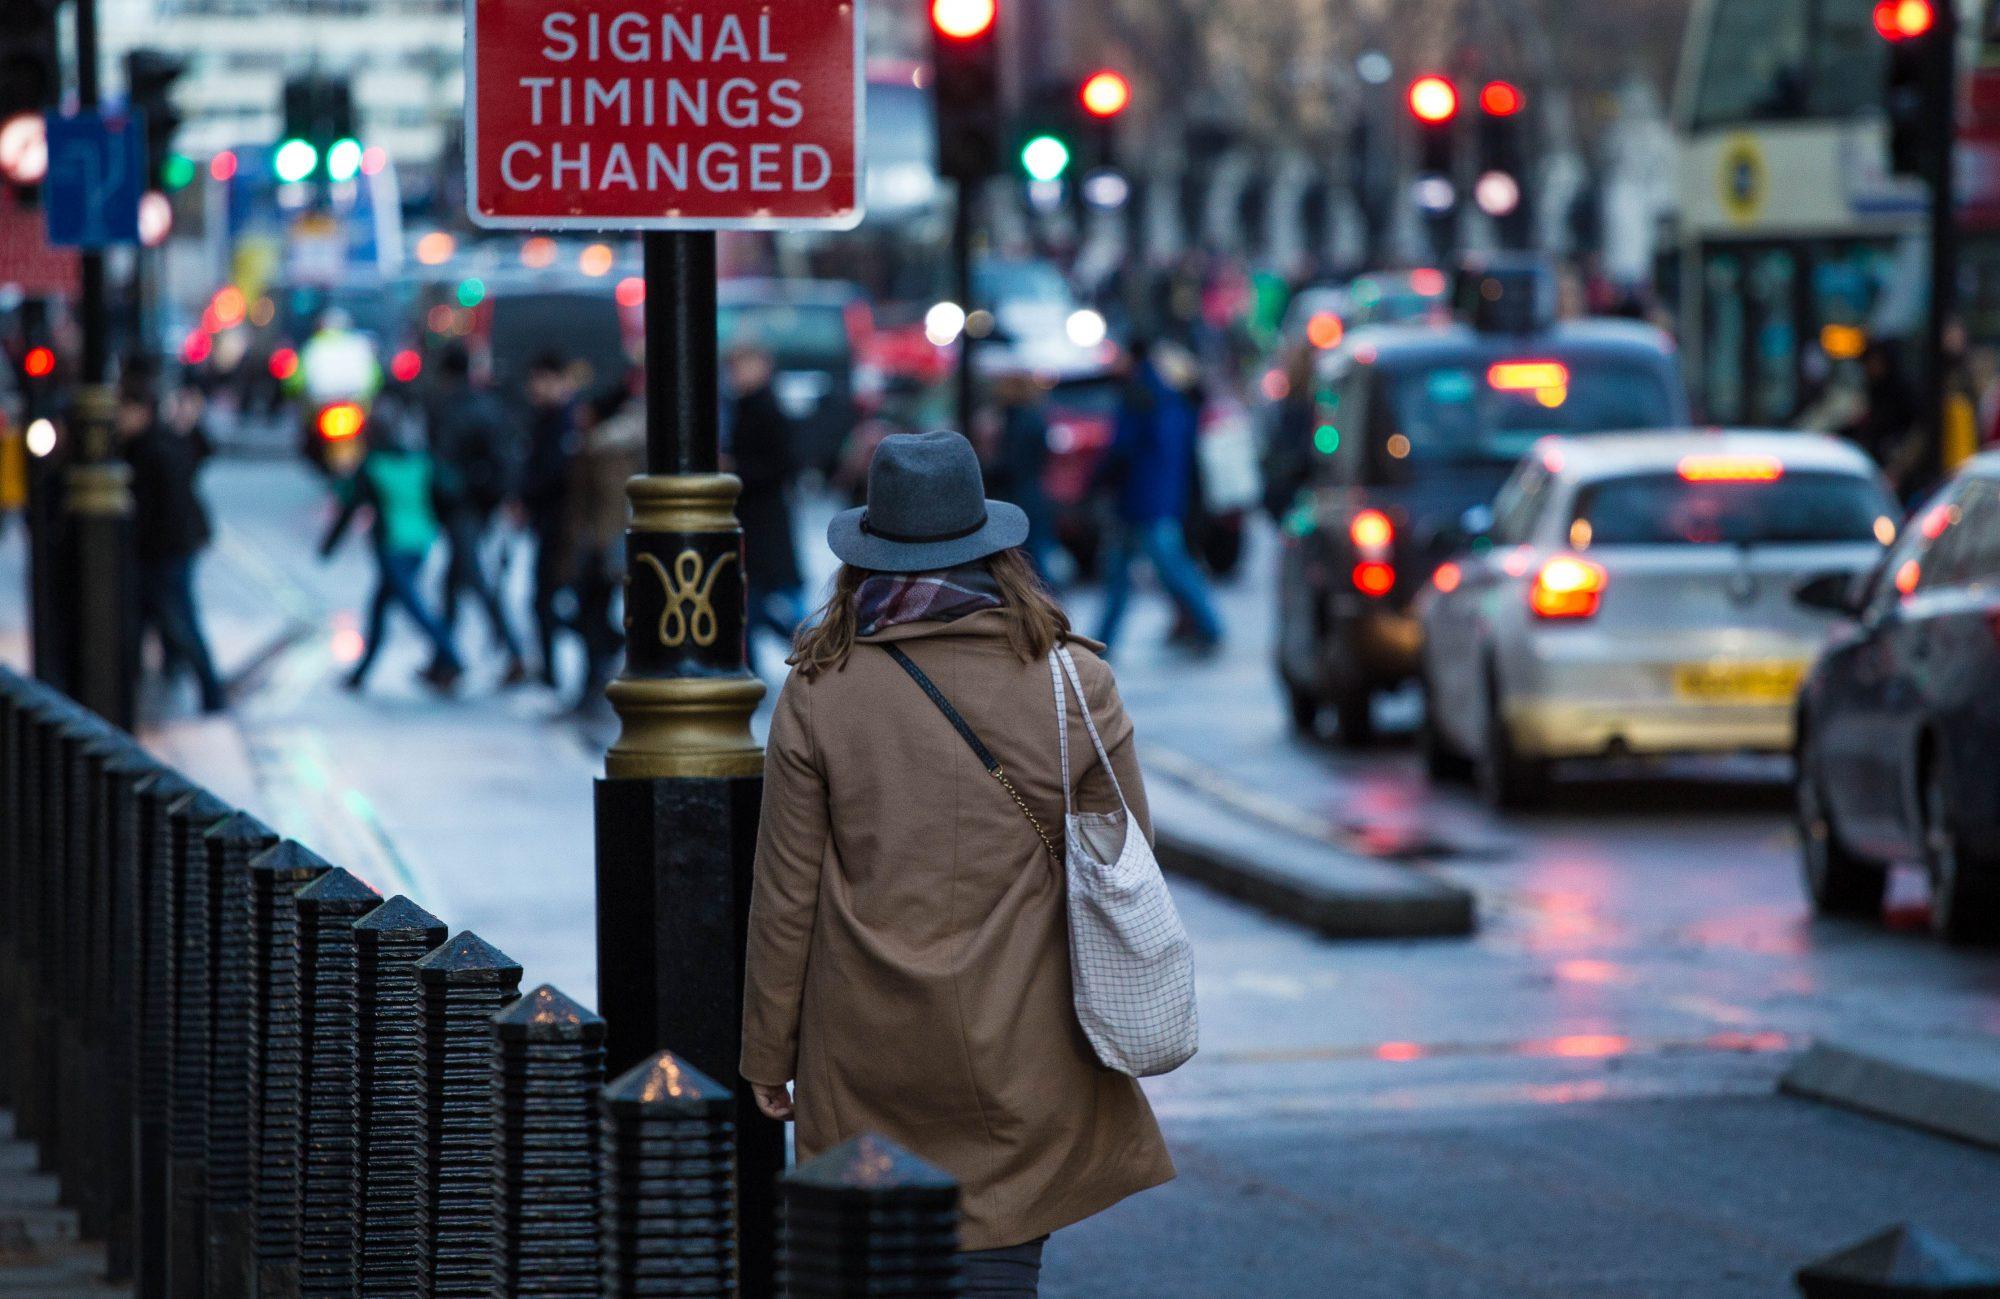 woman-wearing-trench-coat-hat-walking-down-busy-street